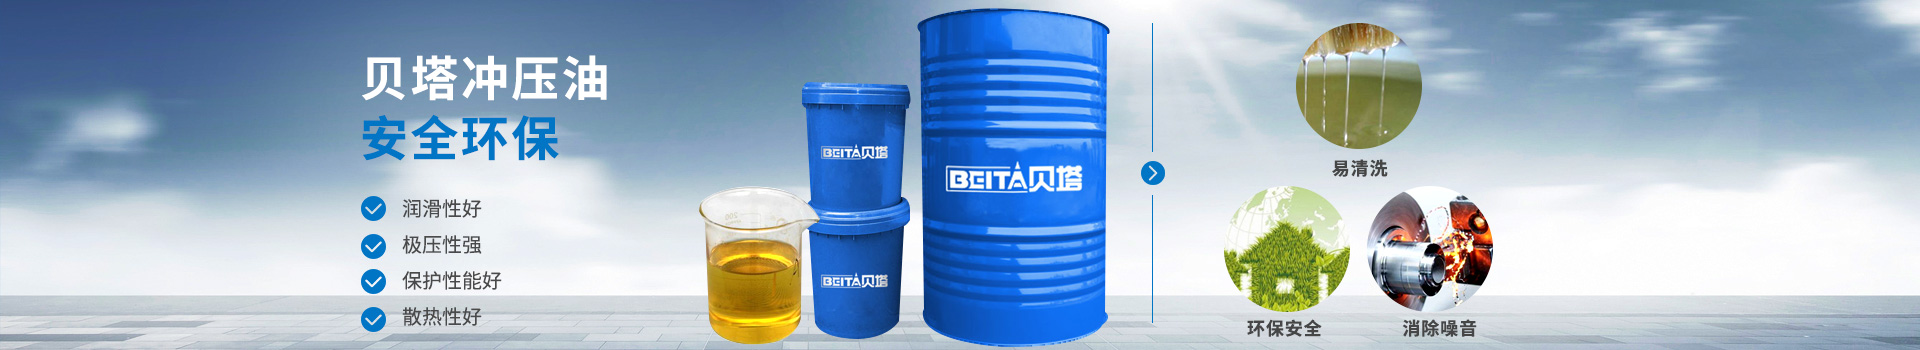 贝塔科技-贝塔冲压油,安全环保